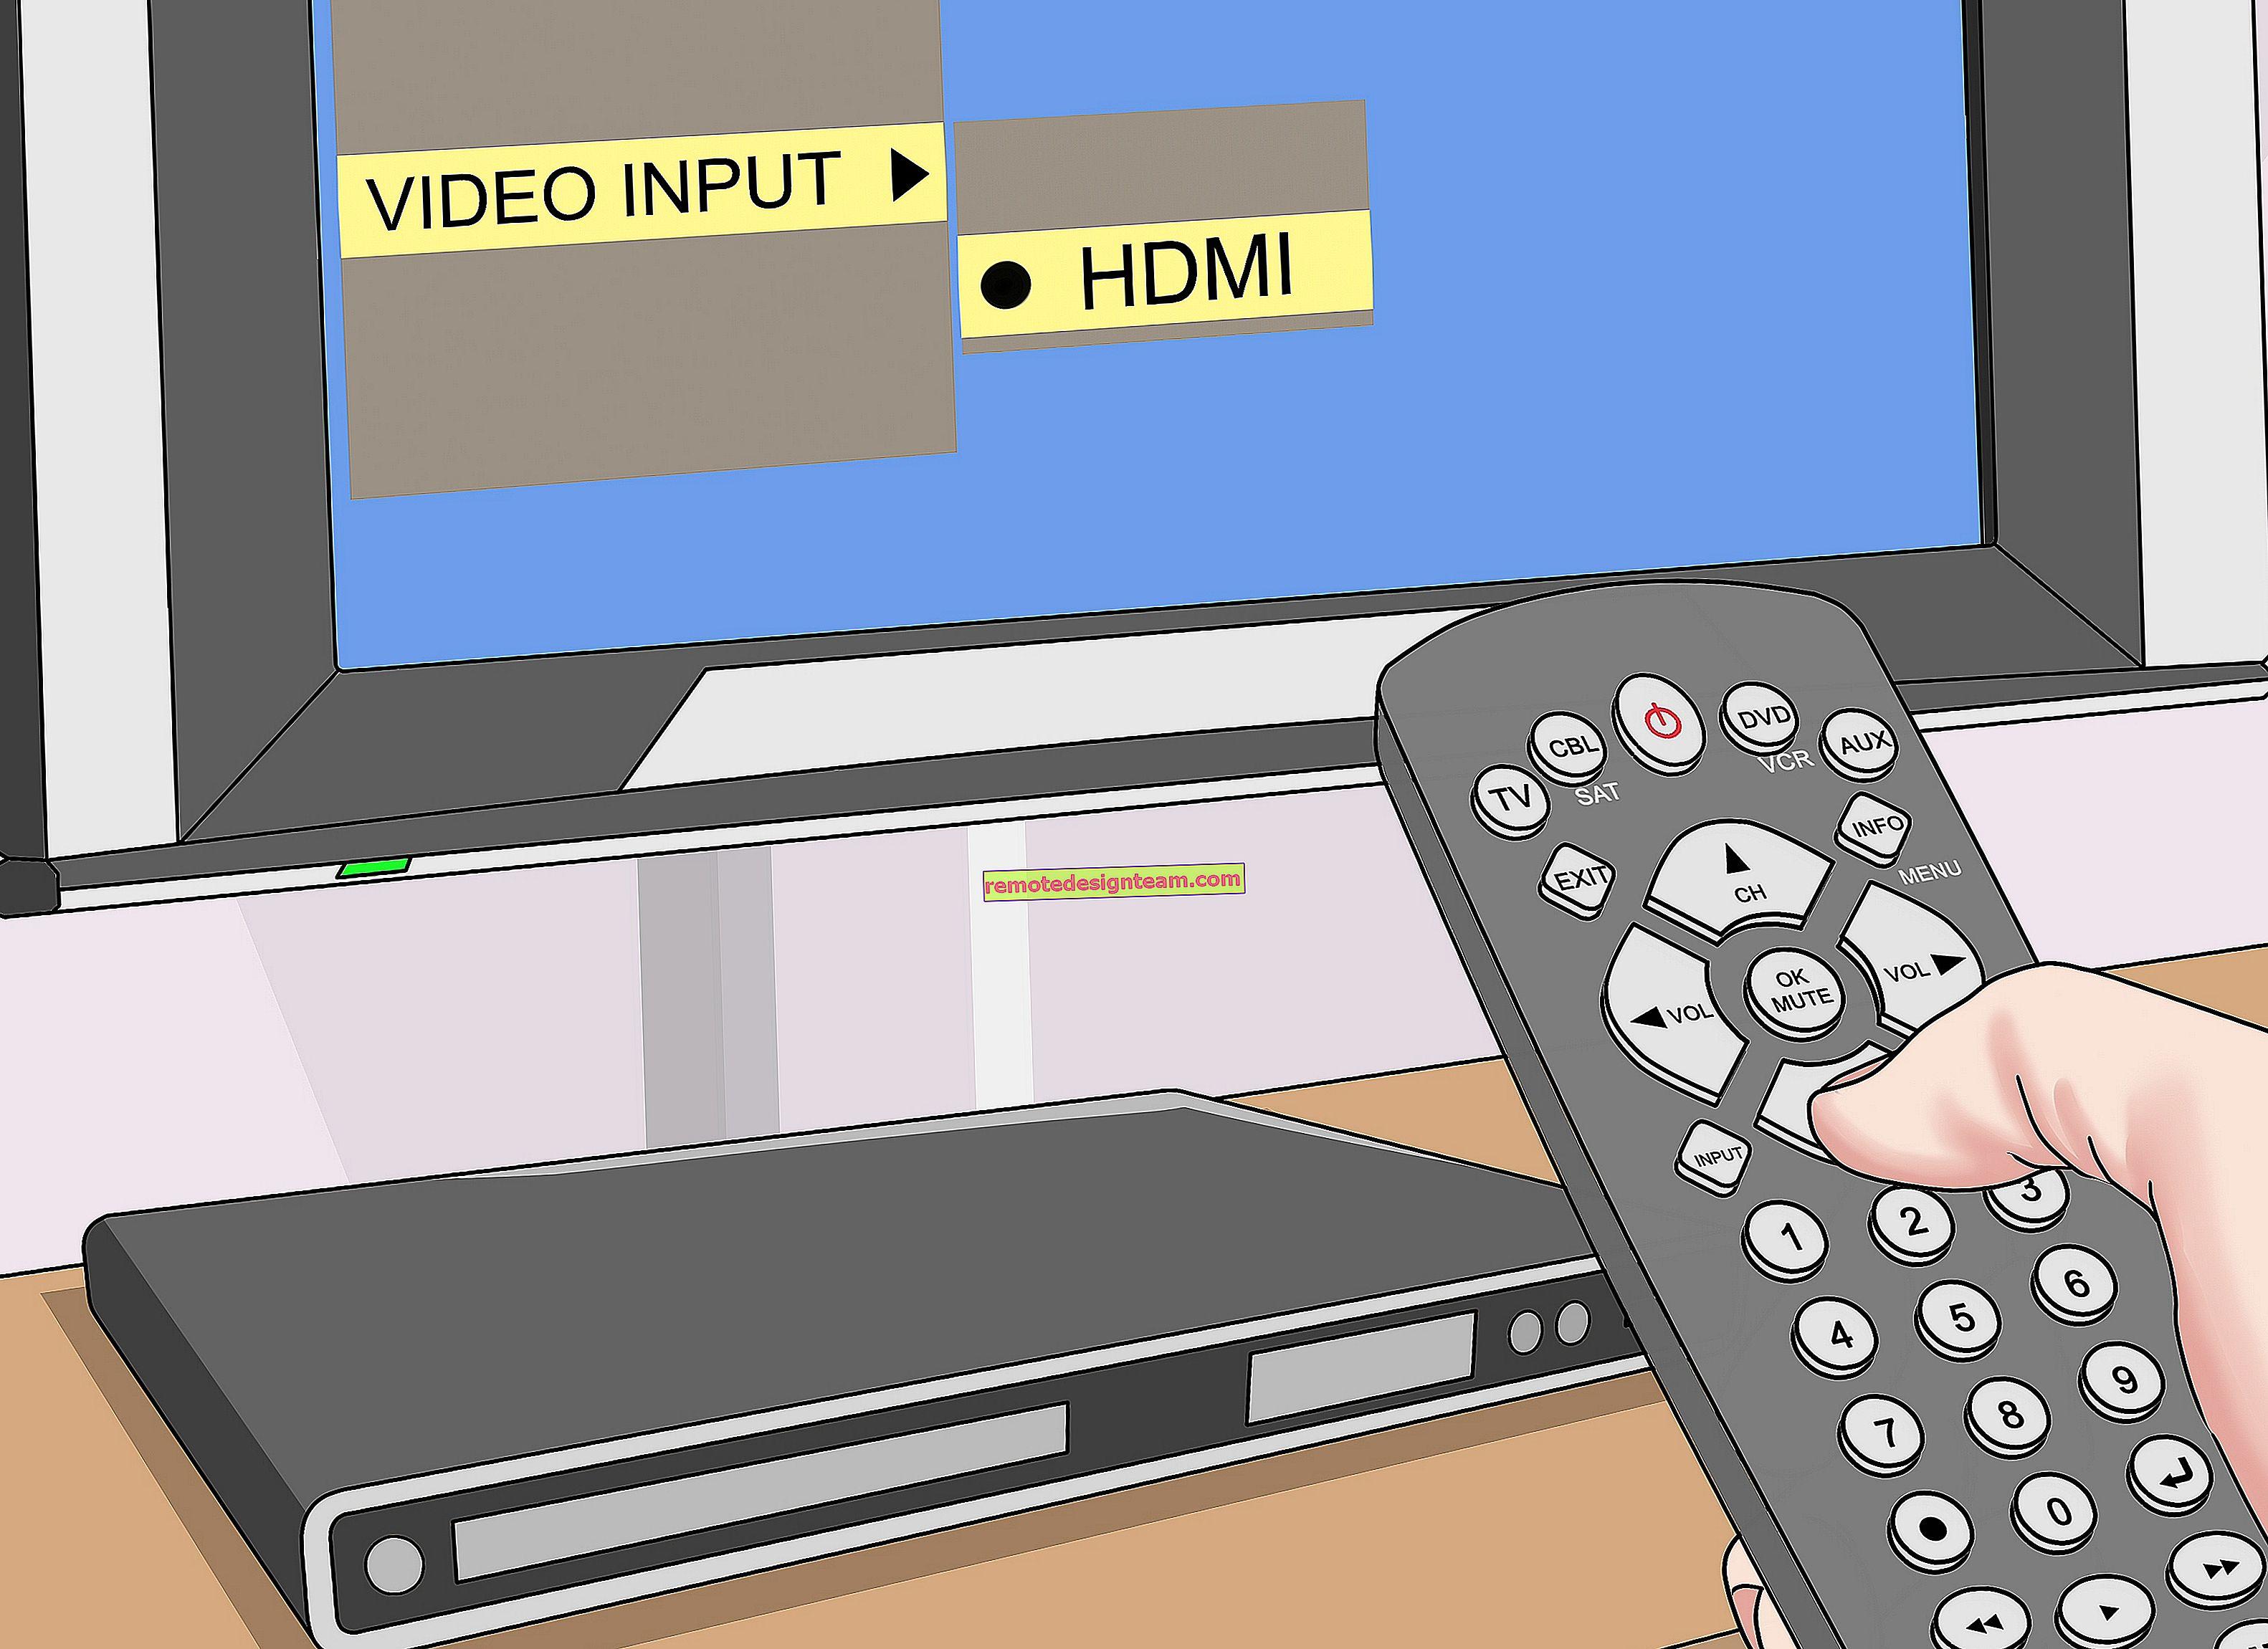 Як підключити телевізор до комп'ютера через HDMI